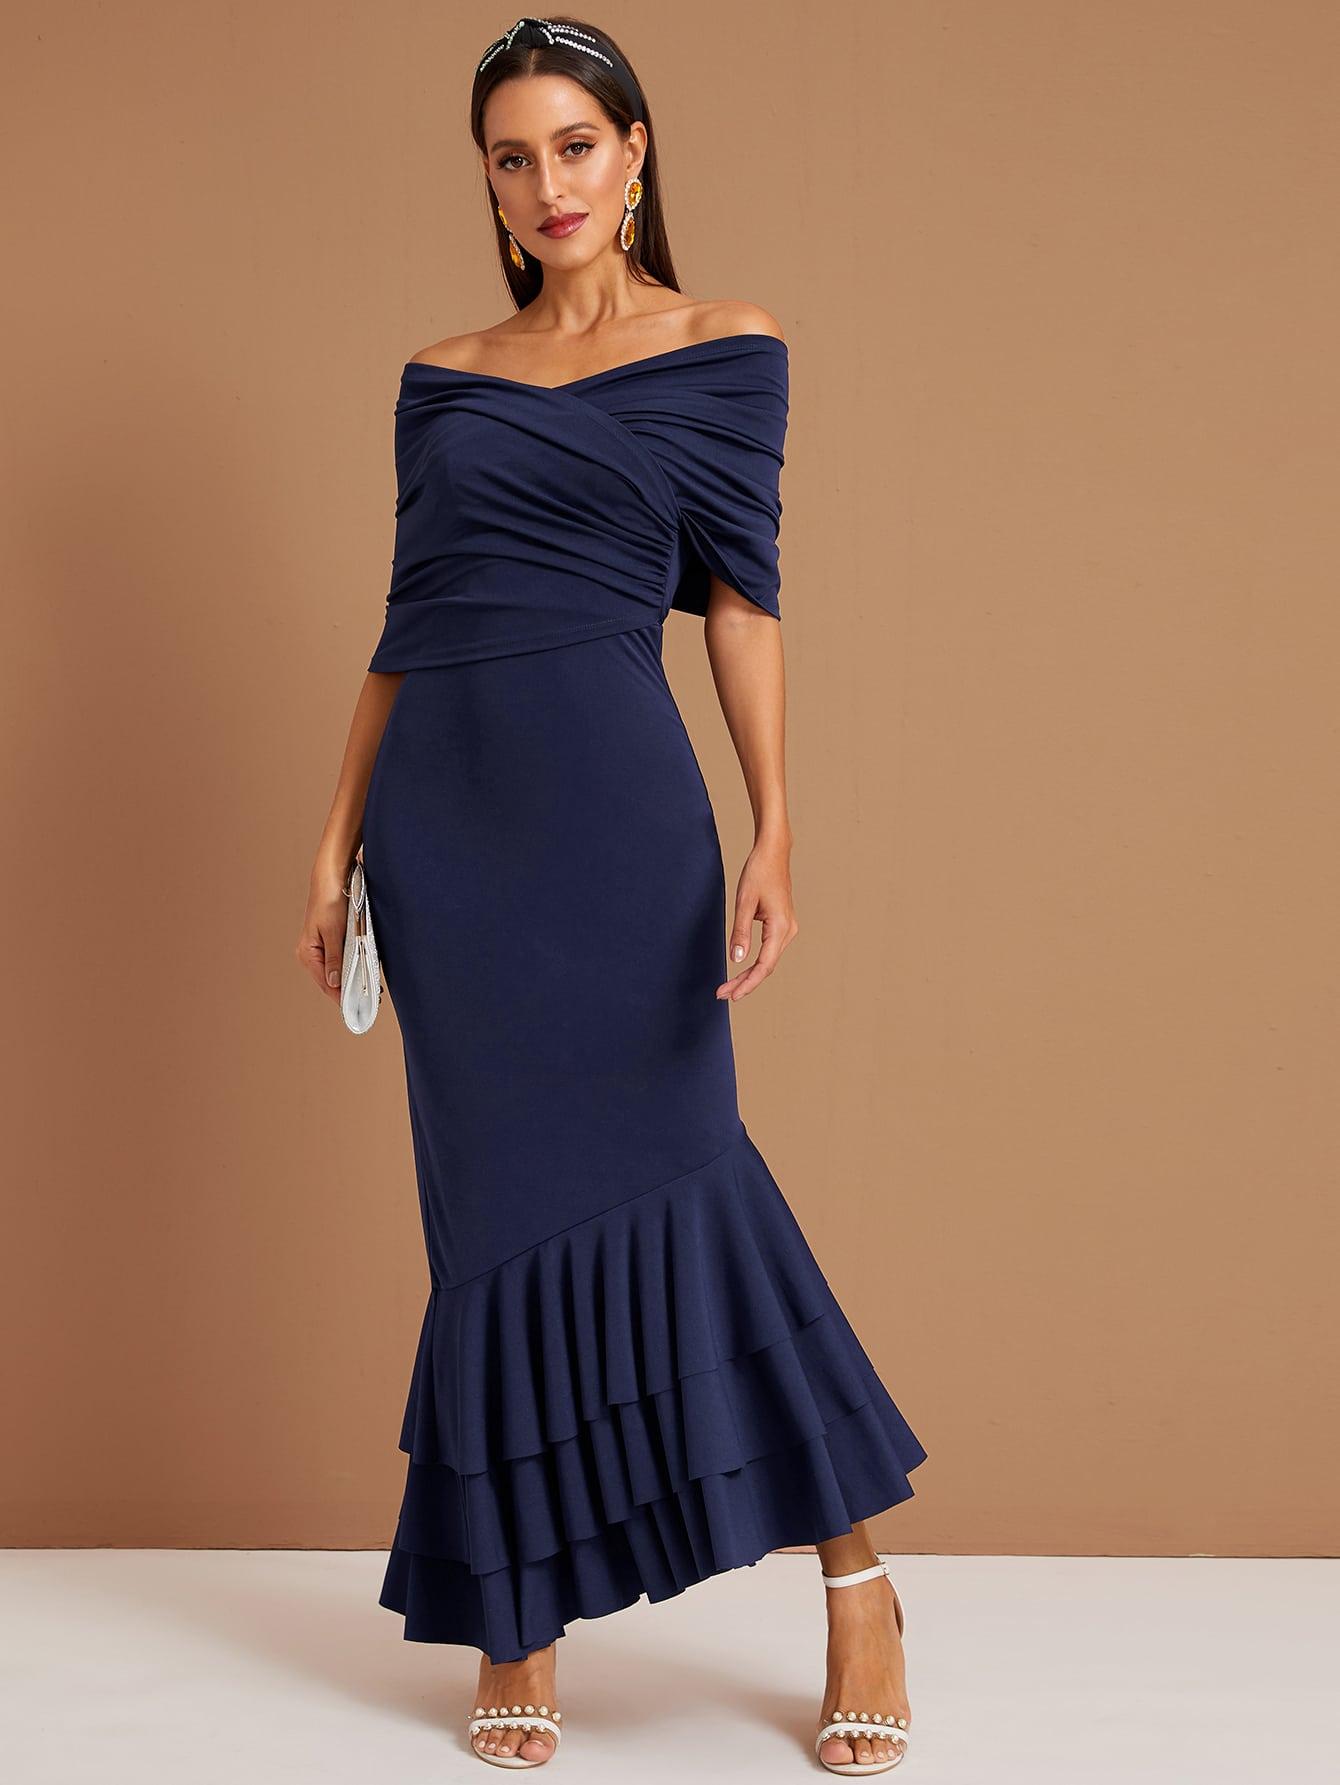 Стильное платье-русалка на запах с многослойным низом